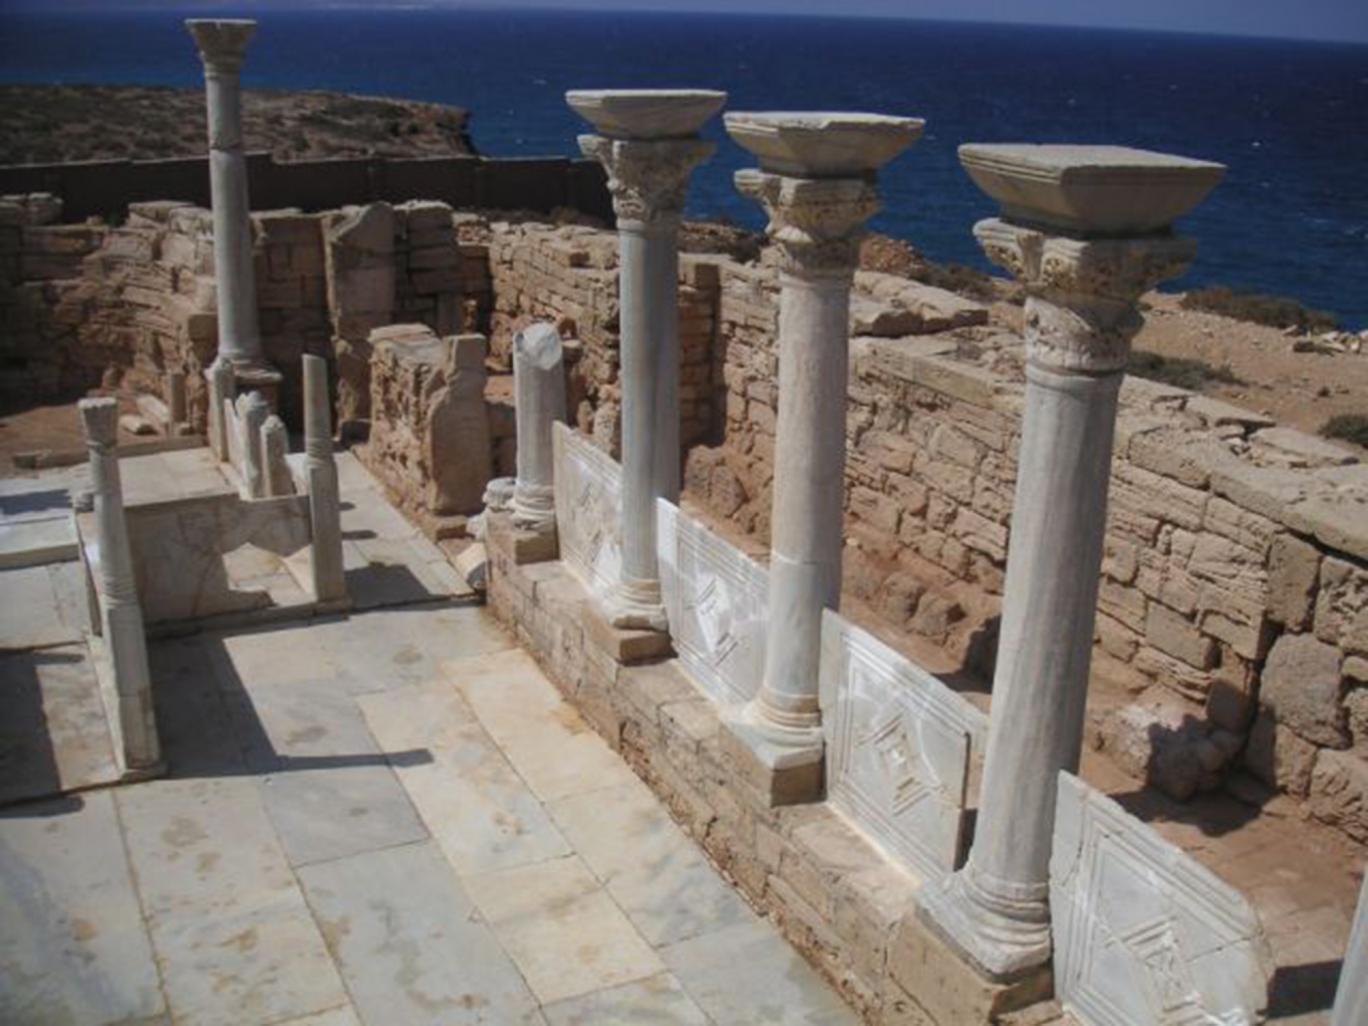 İmparator Justinianos'un Monte Edilmesi İçin Gönderdiği Kilise 1,000 Yıl Sonra Birleştirilecek